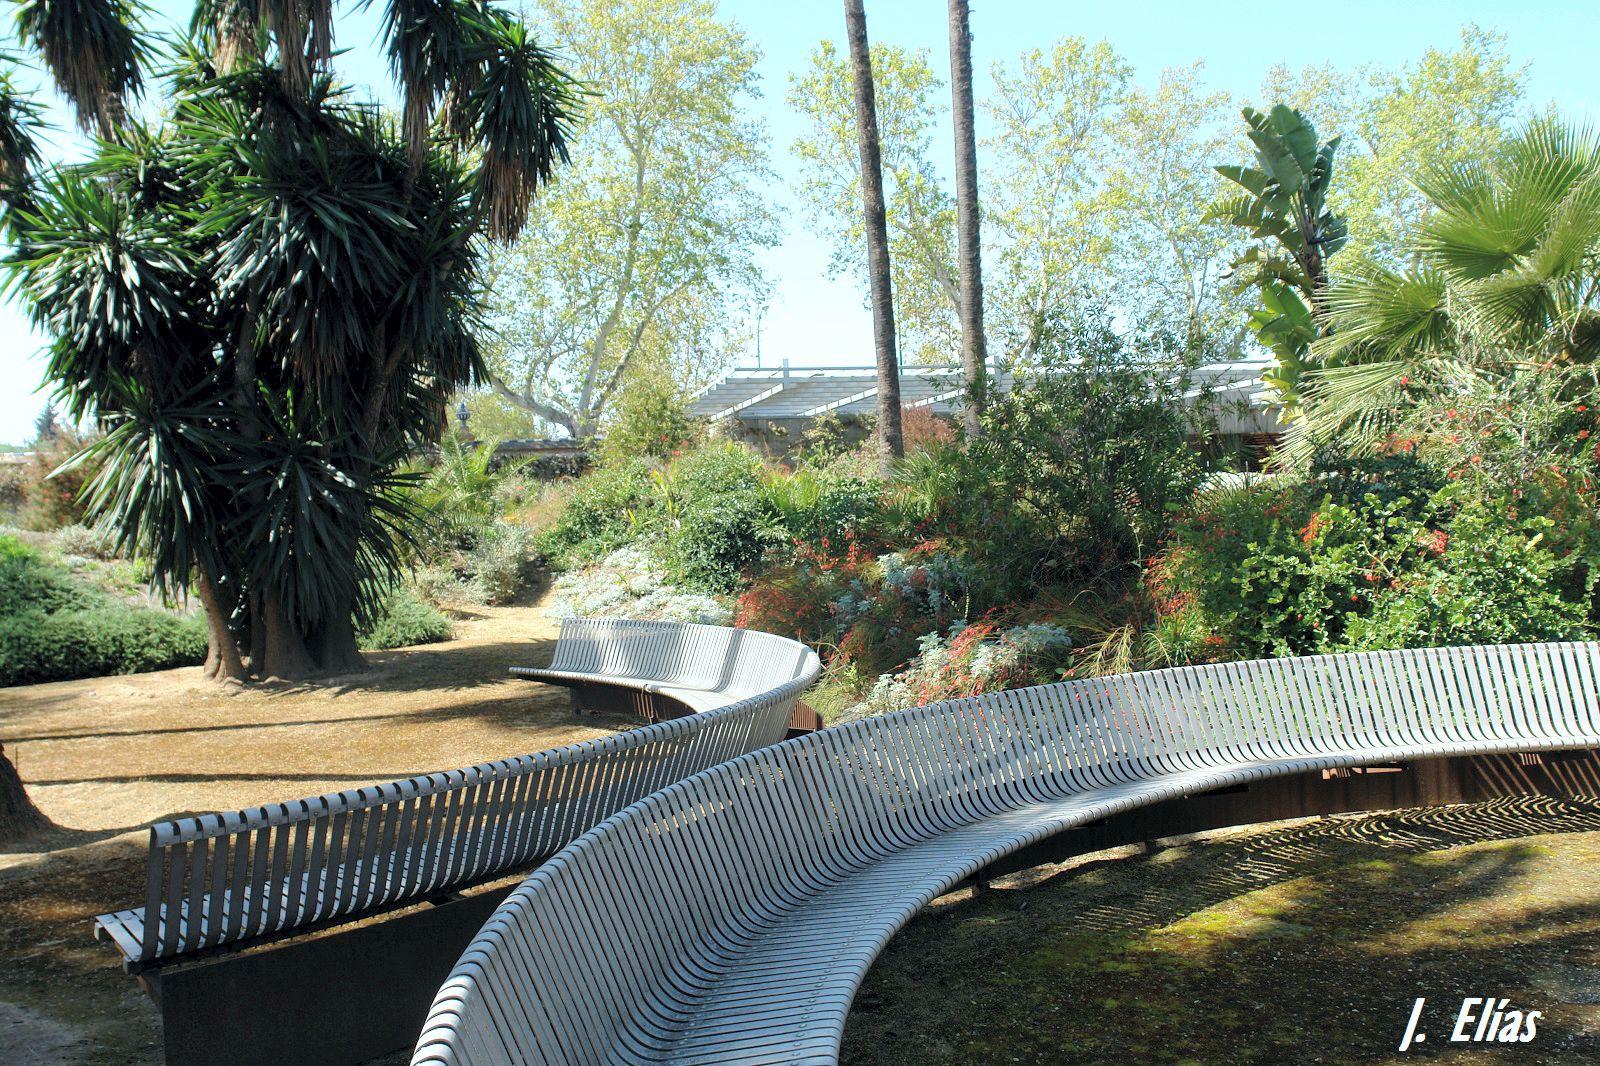 Plataforma ciudadana parques y jardines sevilla jardines for Cabalgata ciudad jardin sevilla 2016